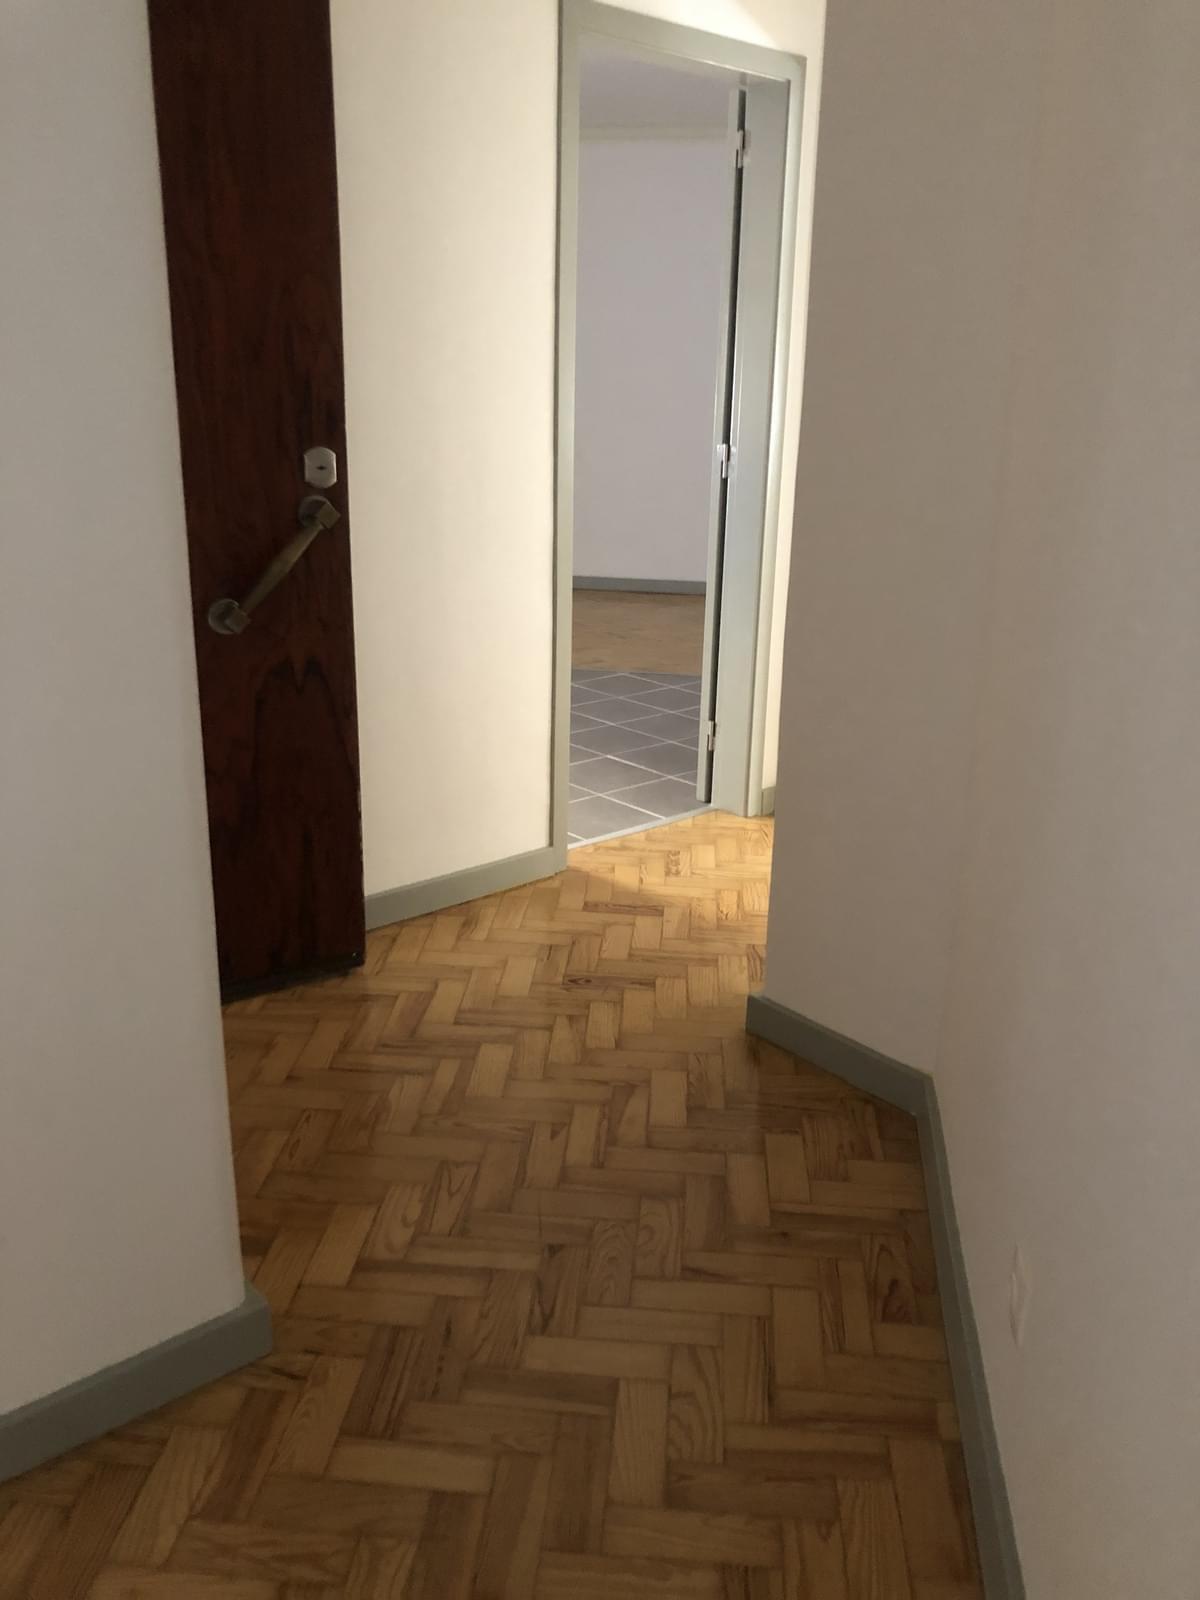 pf17234-apartamento-t3-lisboa-fe103867-f721-45a3-9bd8-7fabcd5333c2